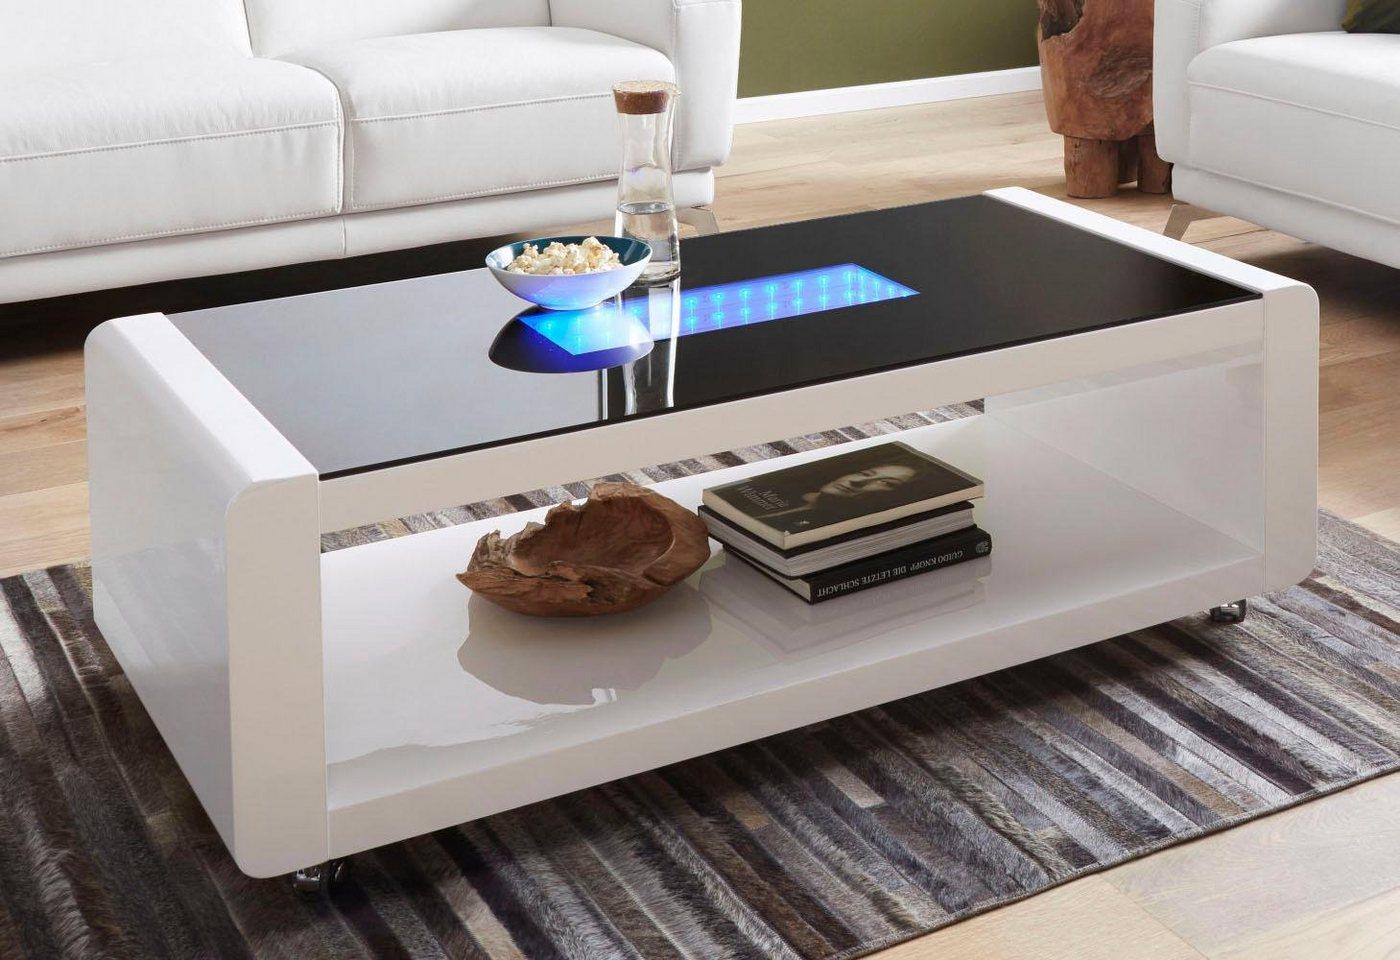 Salontafel met 3D-LED-verlichting, op rollers